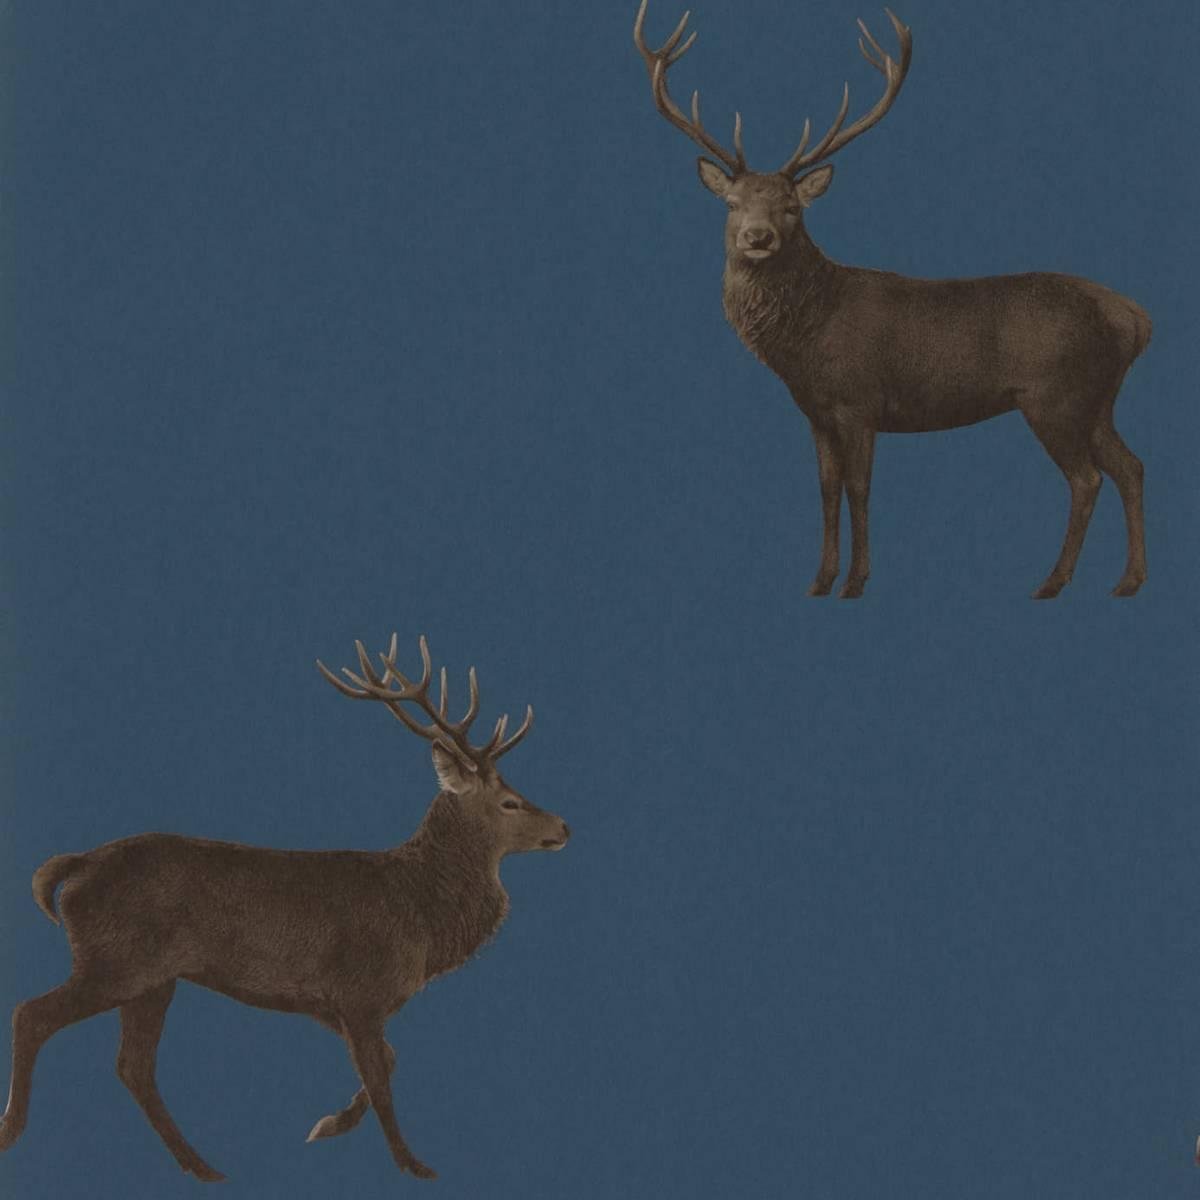 Sanderson Elysian Wallpapers Evesham Deer Wallpaper